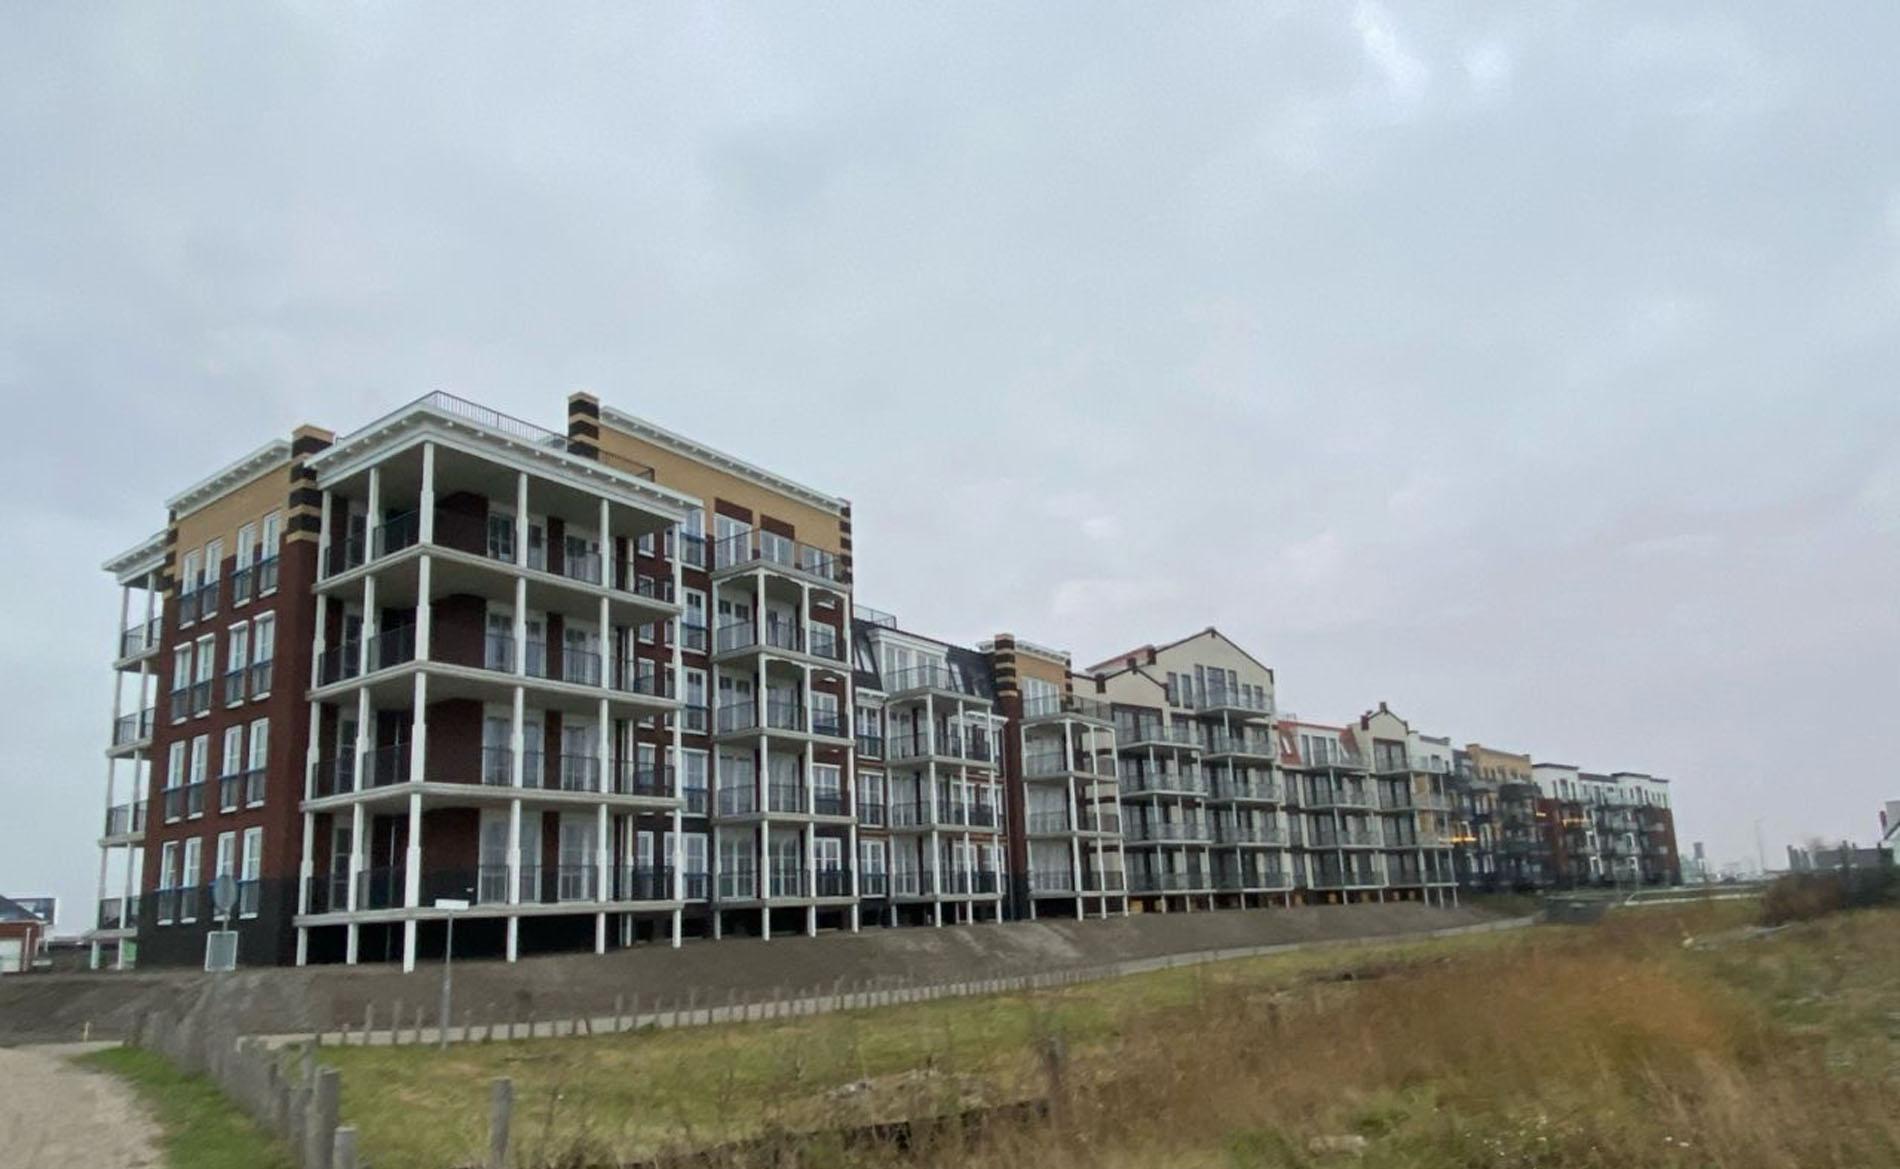 architect Duingeest Monster appartementengebouw